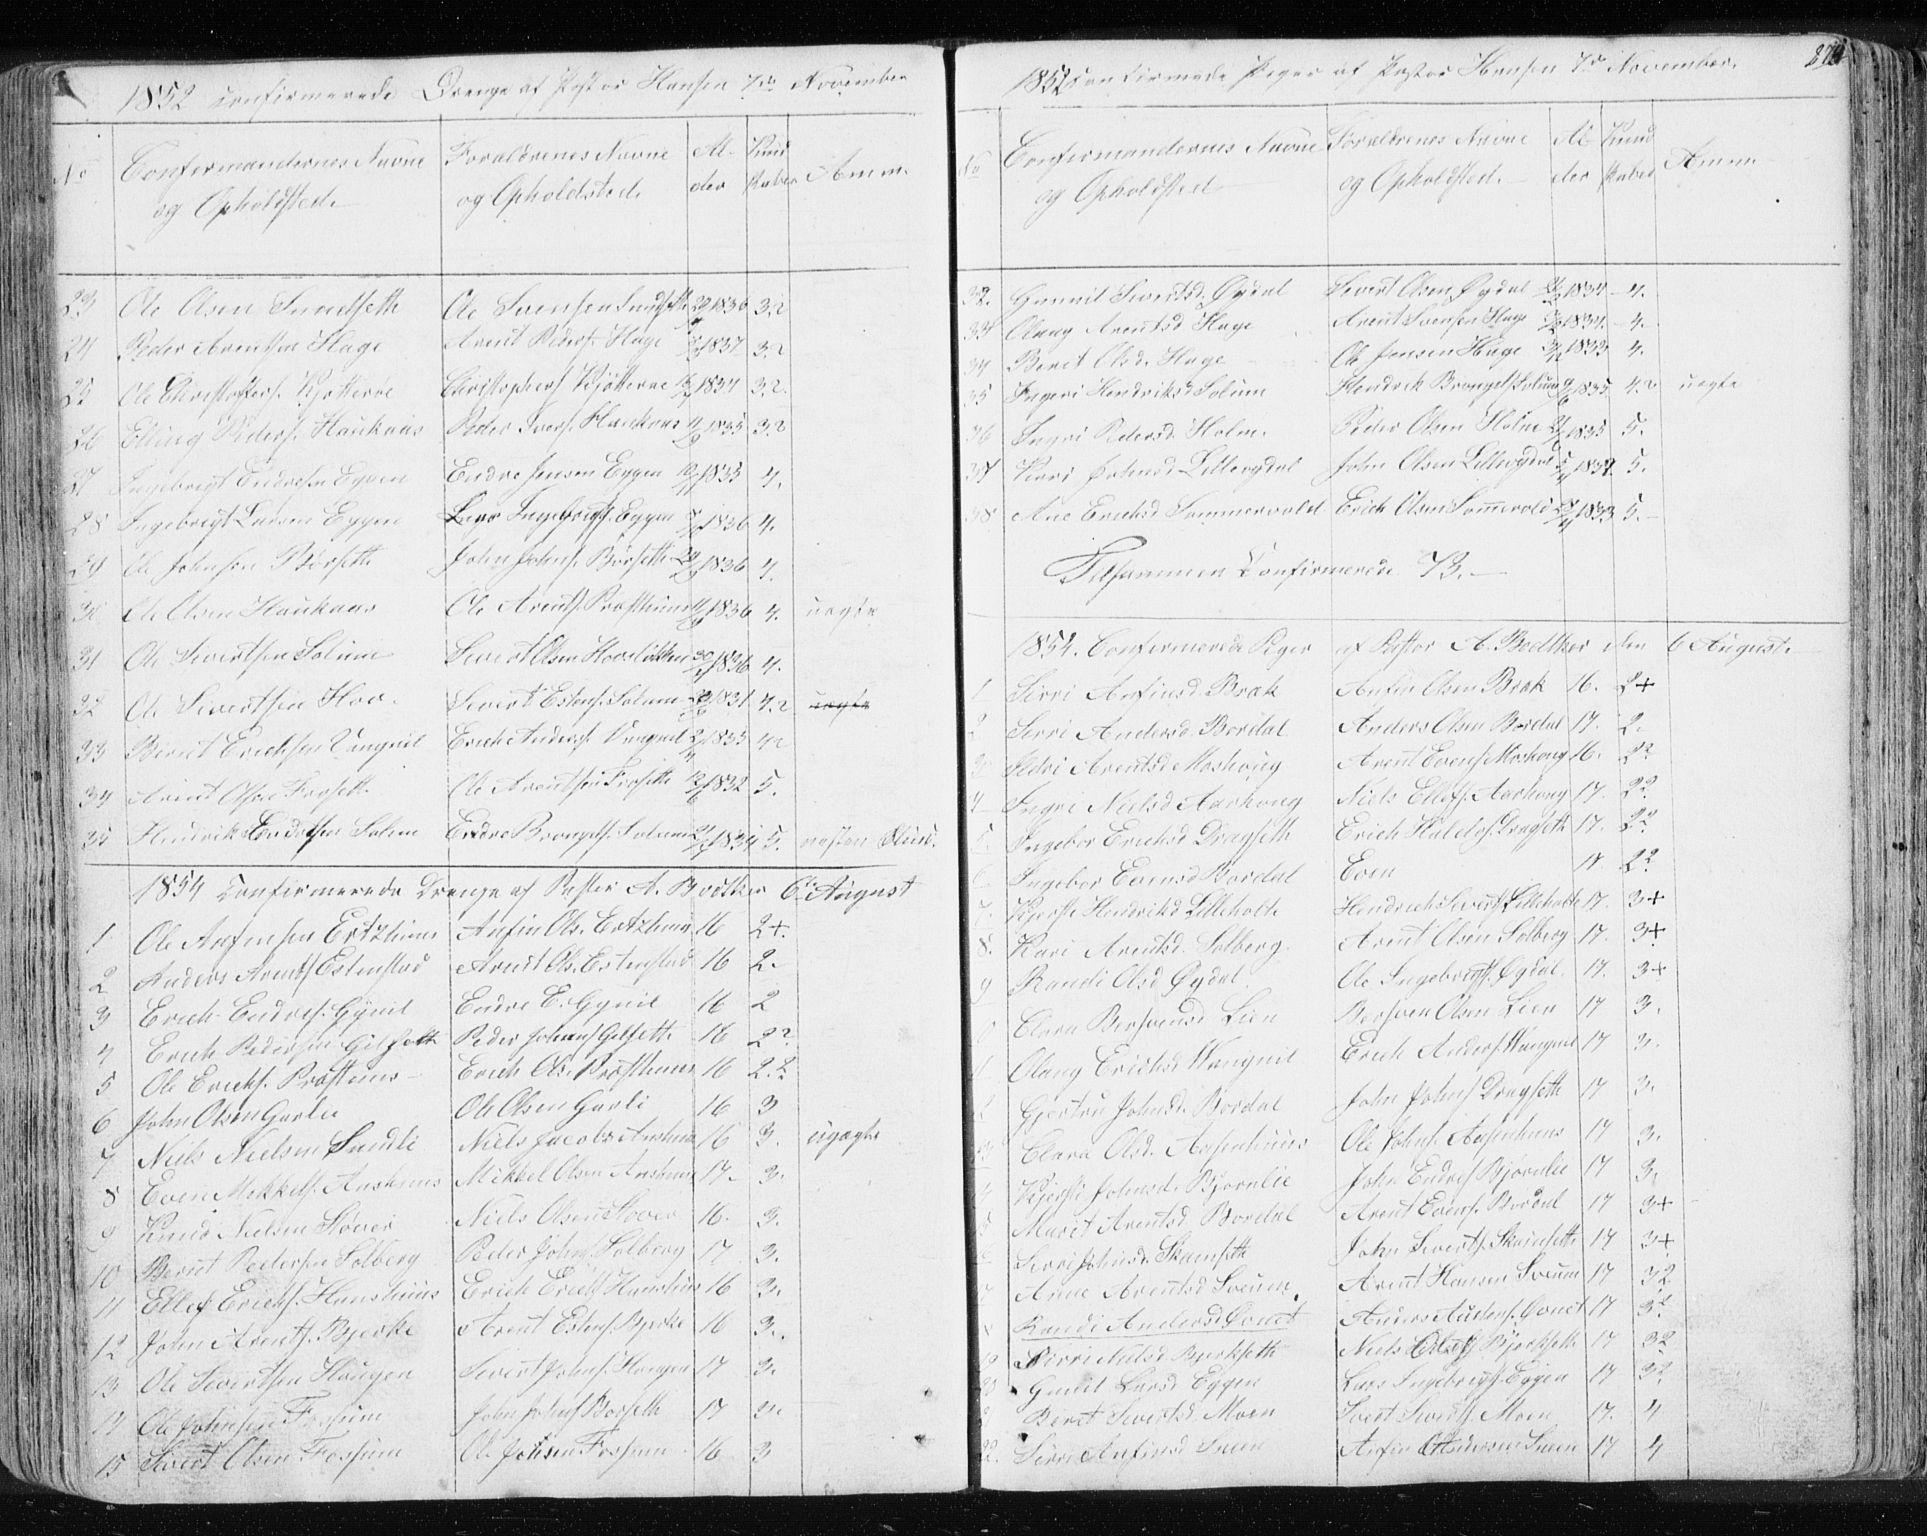 SAT, Ministerialprotokoller, klokkerbøker og fødselsregistre - Sør-Trøndelag, 689/L1043: Klokkerbok nr. 689C02, 1816-1892, s. 274